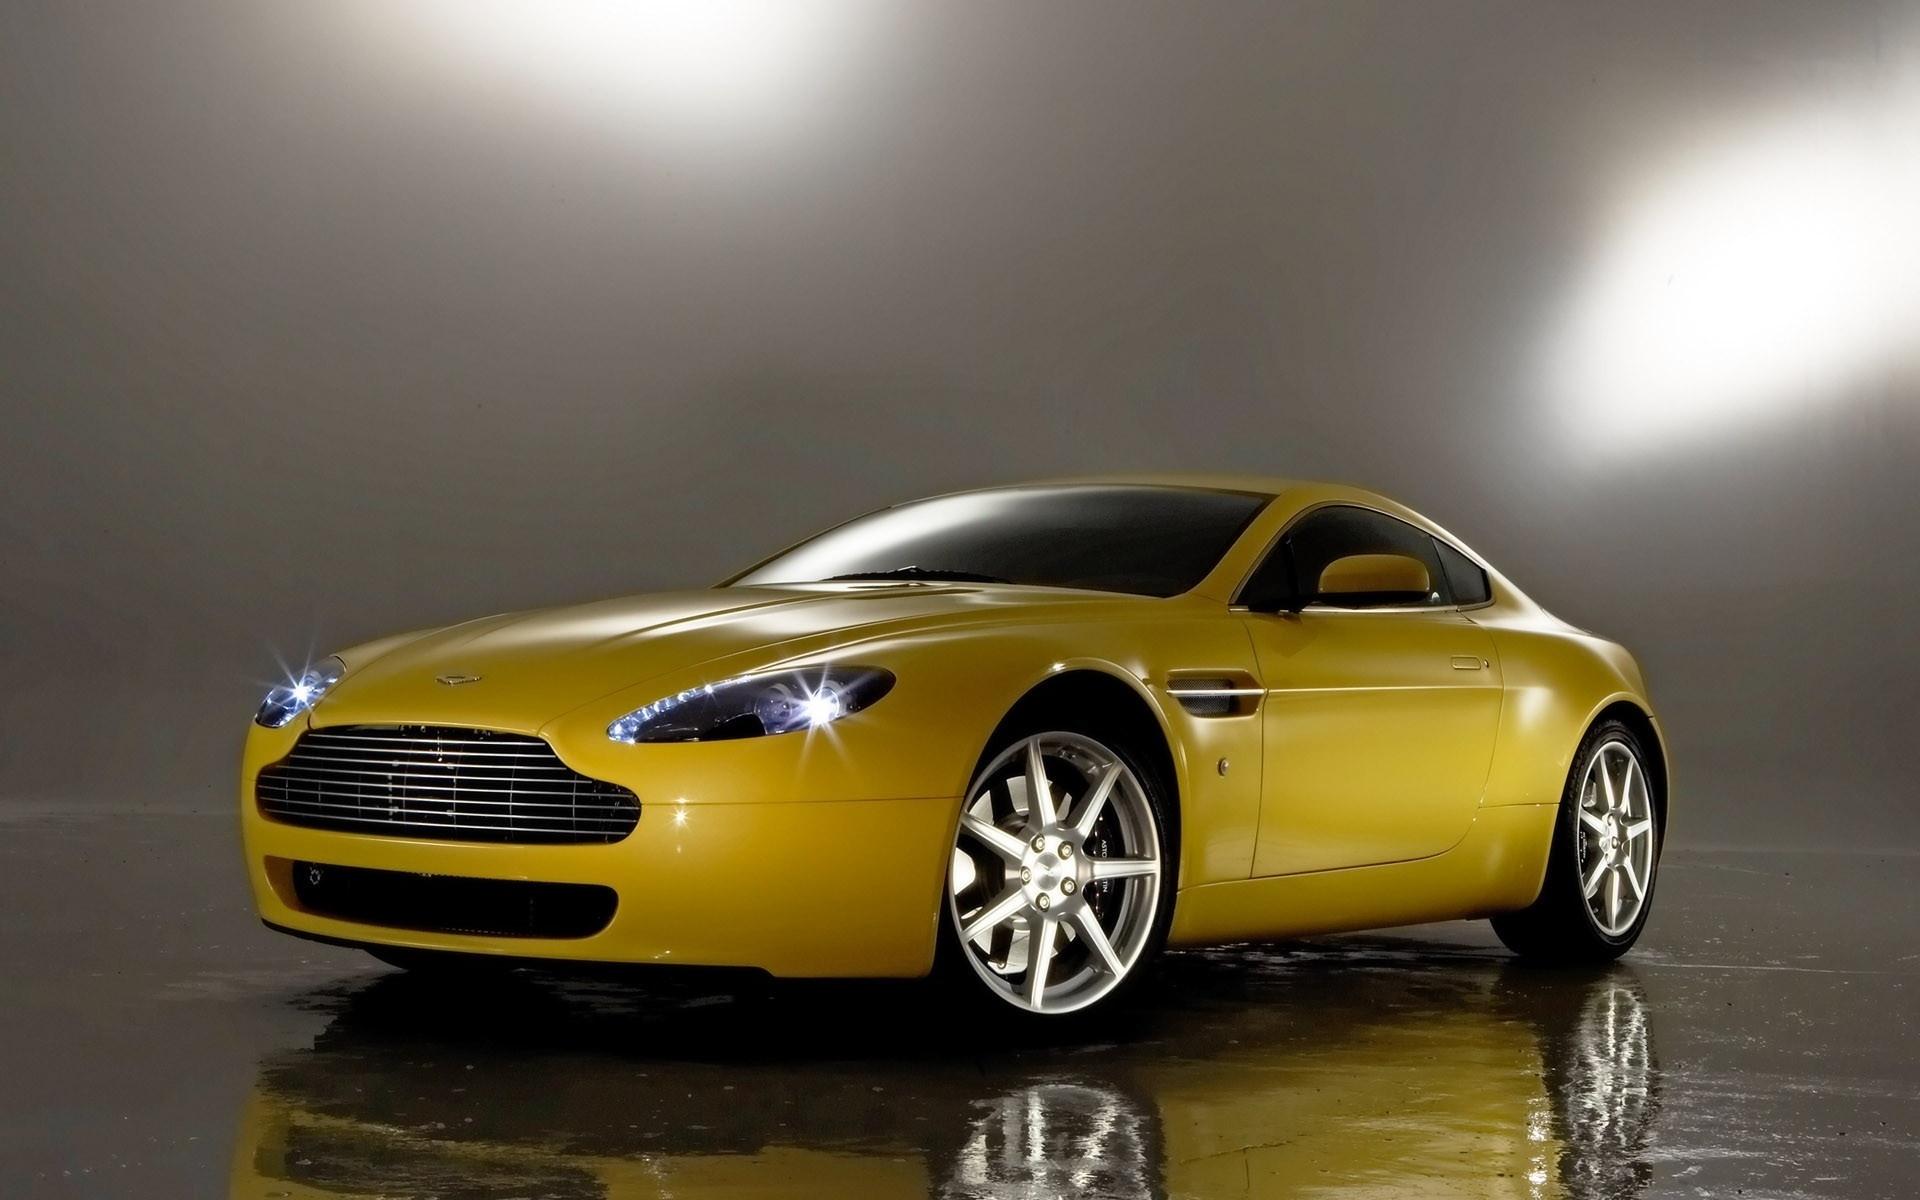 выполнения картинка желтого автомобиля кружева крючком нашем